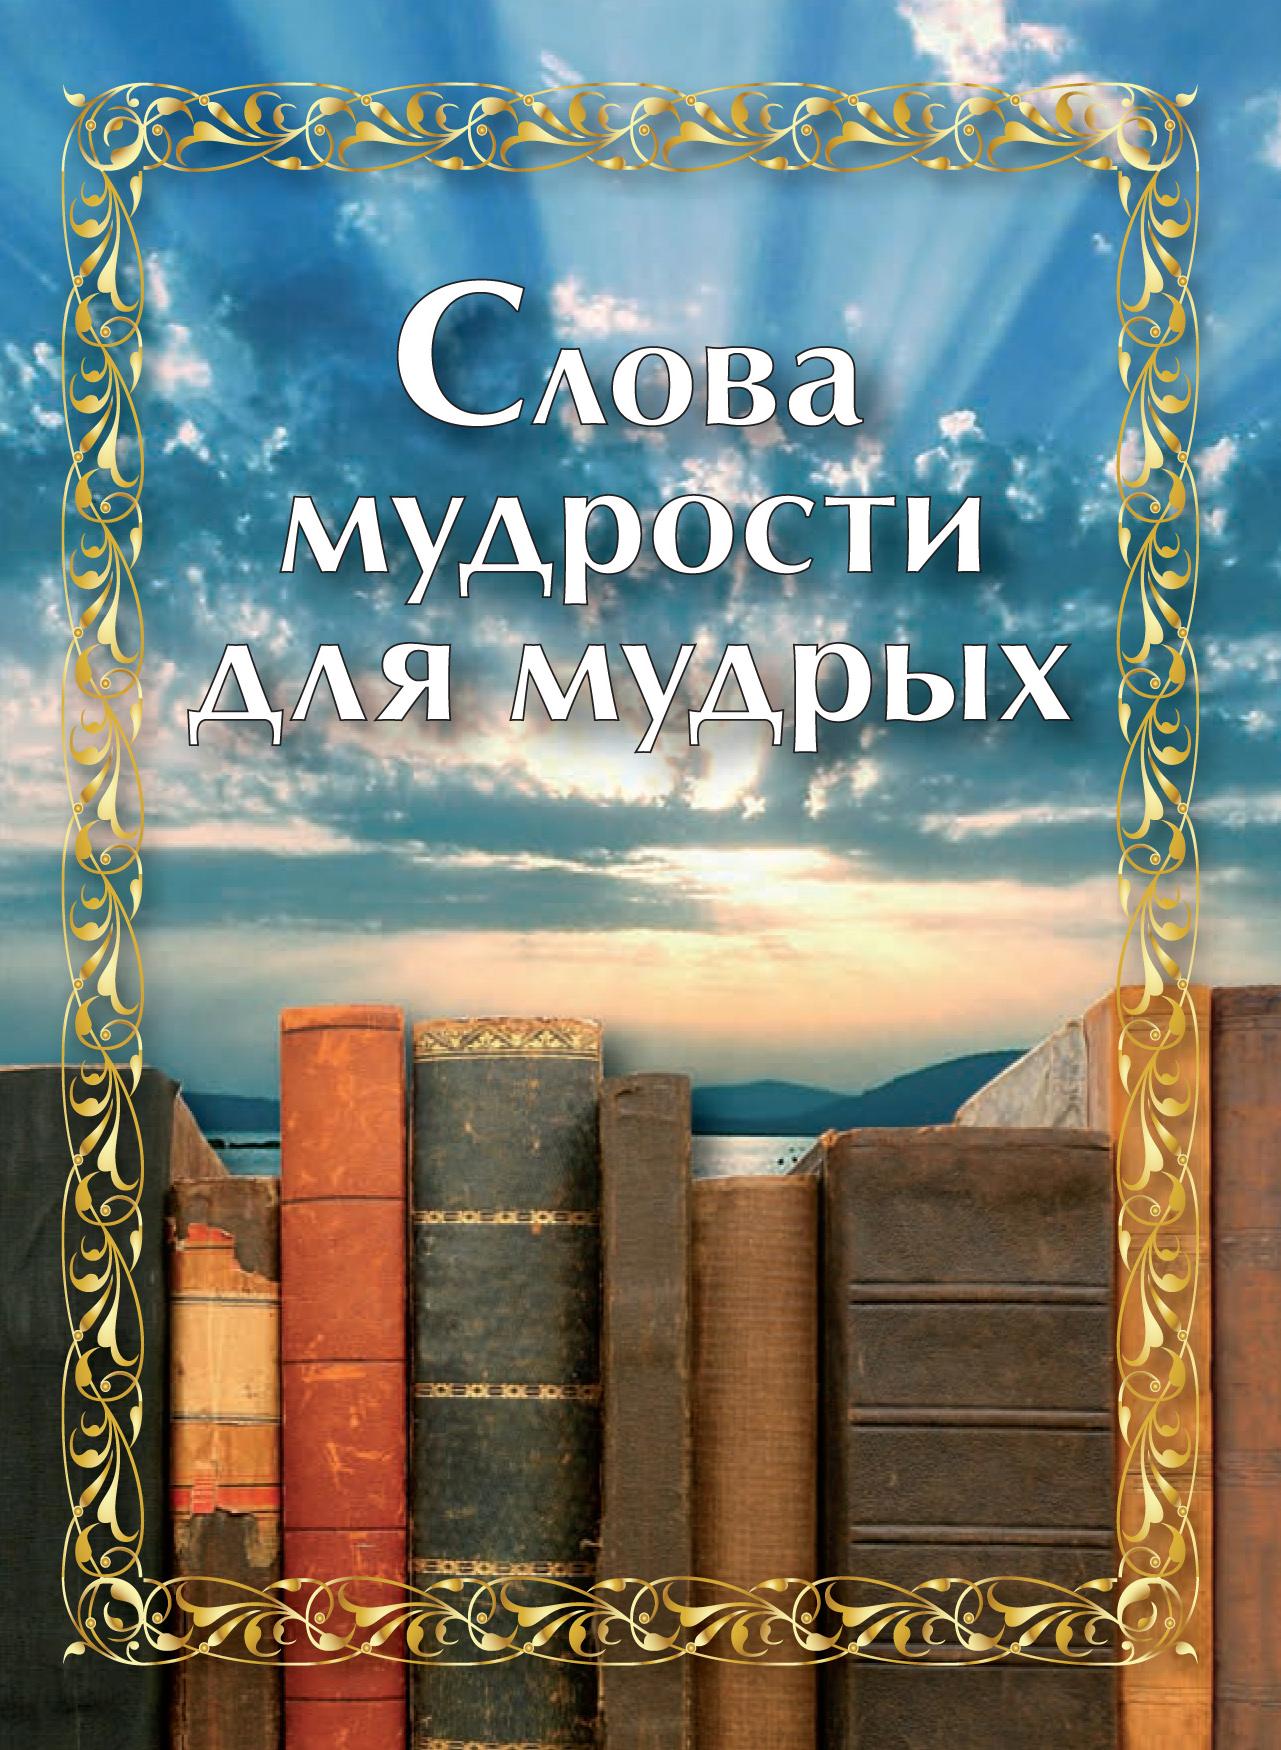 Сборник Слова мудрости для мудрых сулхан саба орбелиани о мудрости вымысла